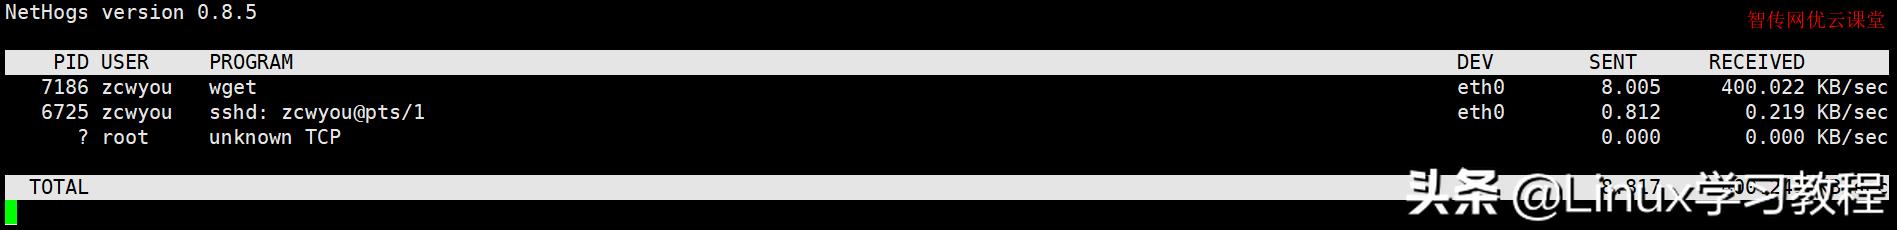 Linux怎么查看进程资源使用情况